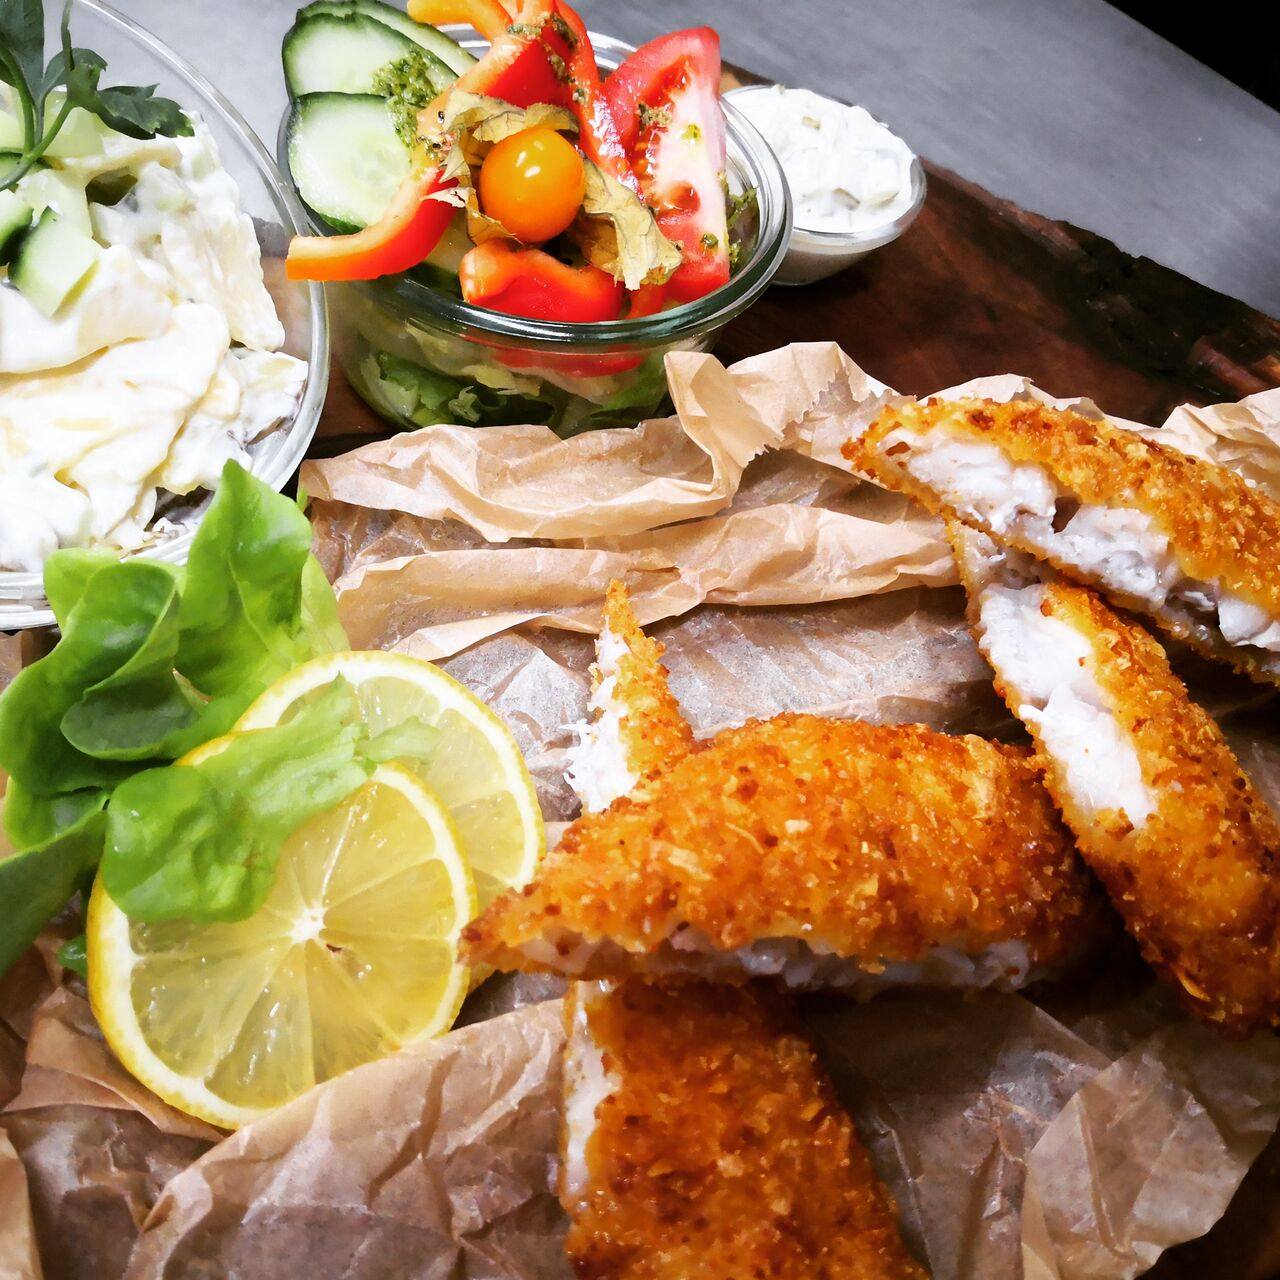 Backfisch mit hausgemachtem Kartoffelsalat - das können wir.